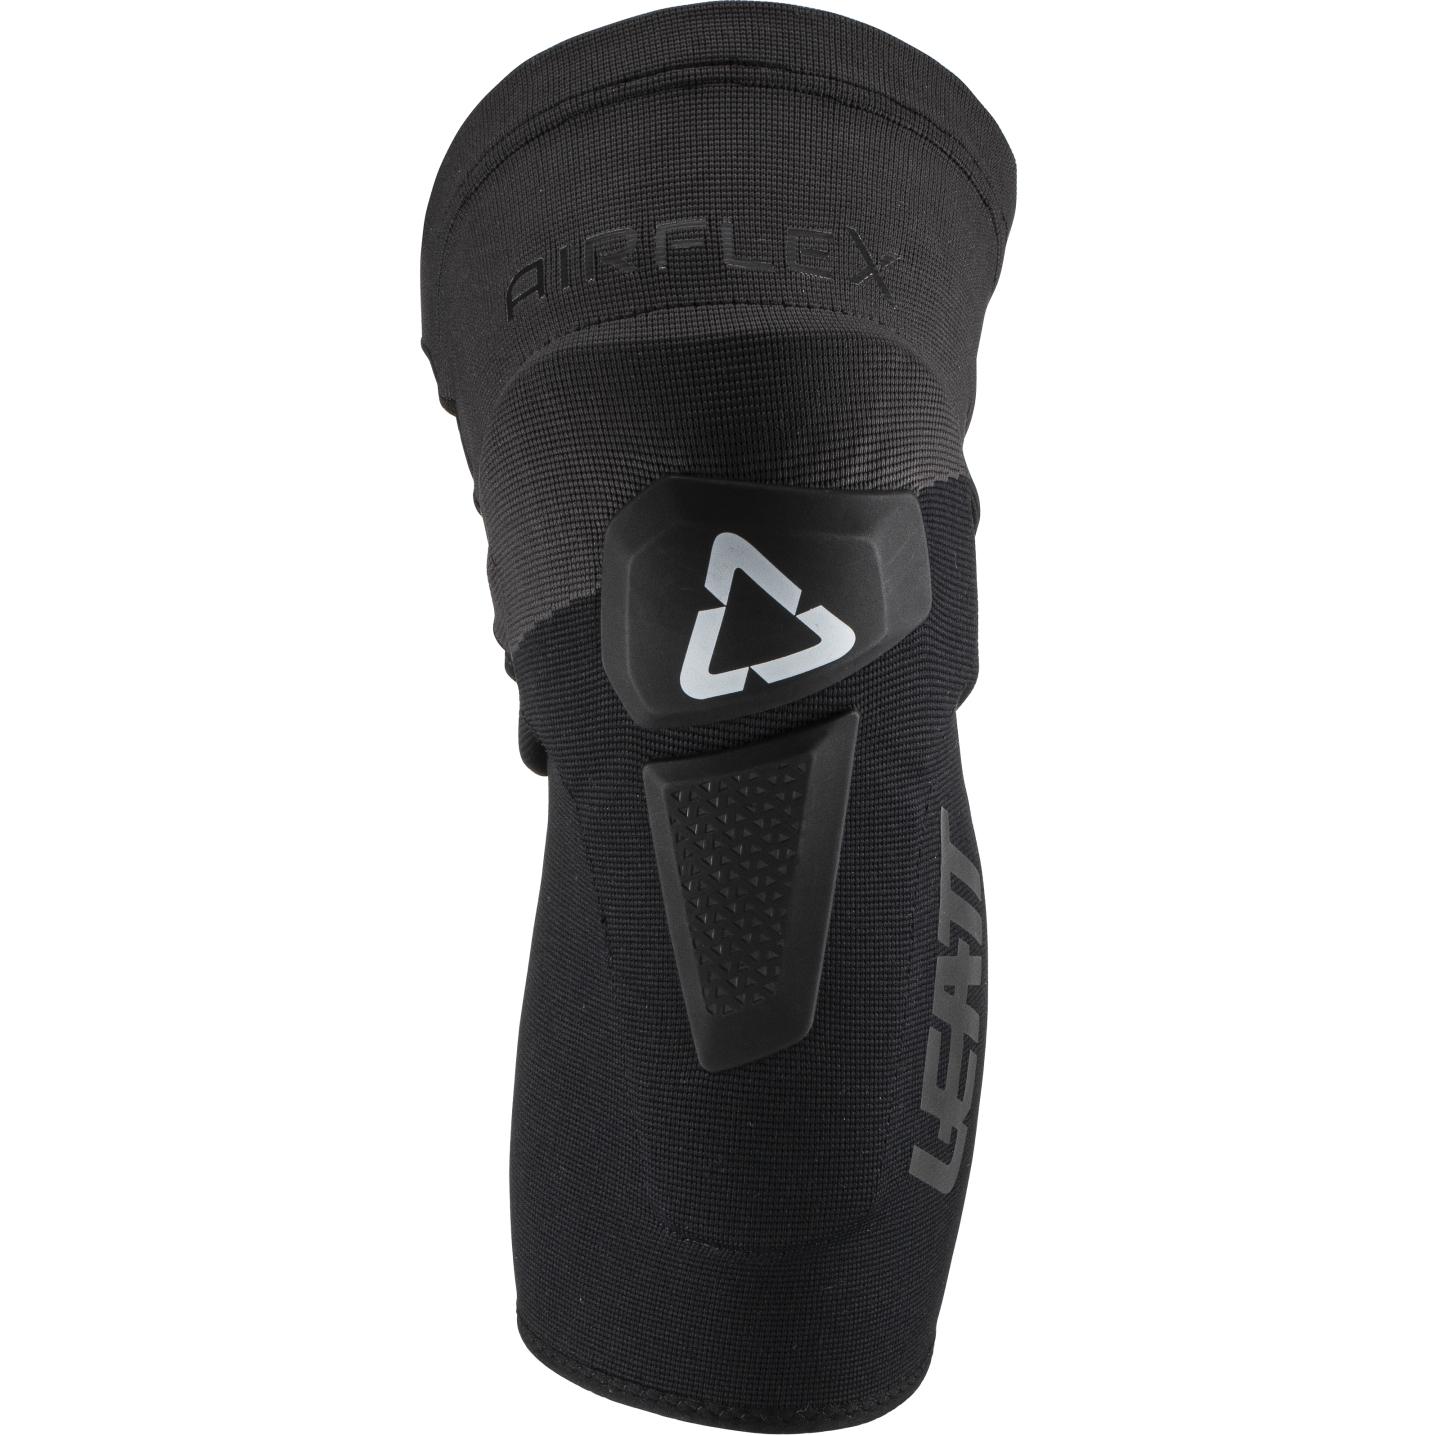 Bild von Leatt Knee Guard AirFlex Hybrid Knieprotektor - black